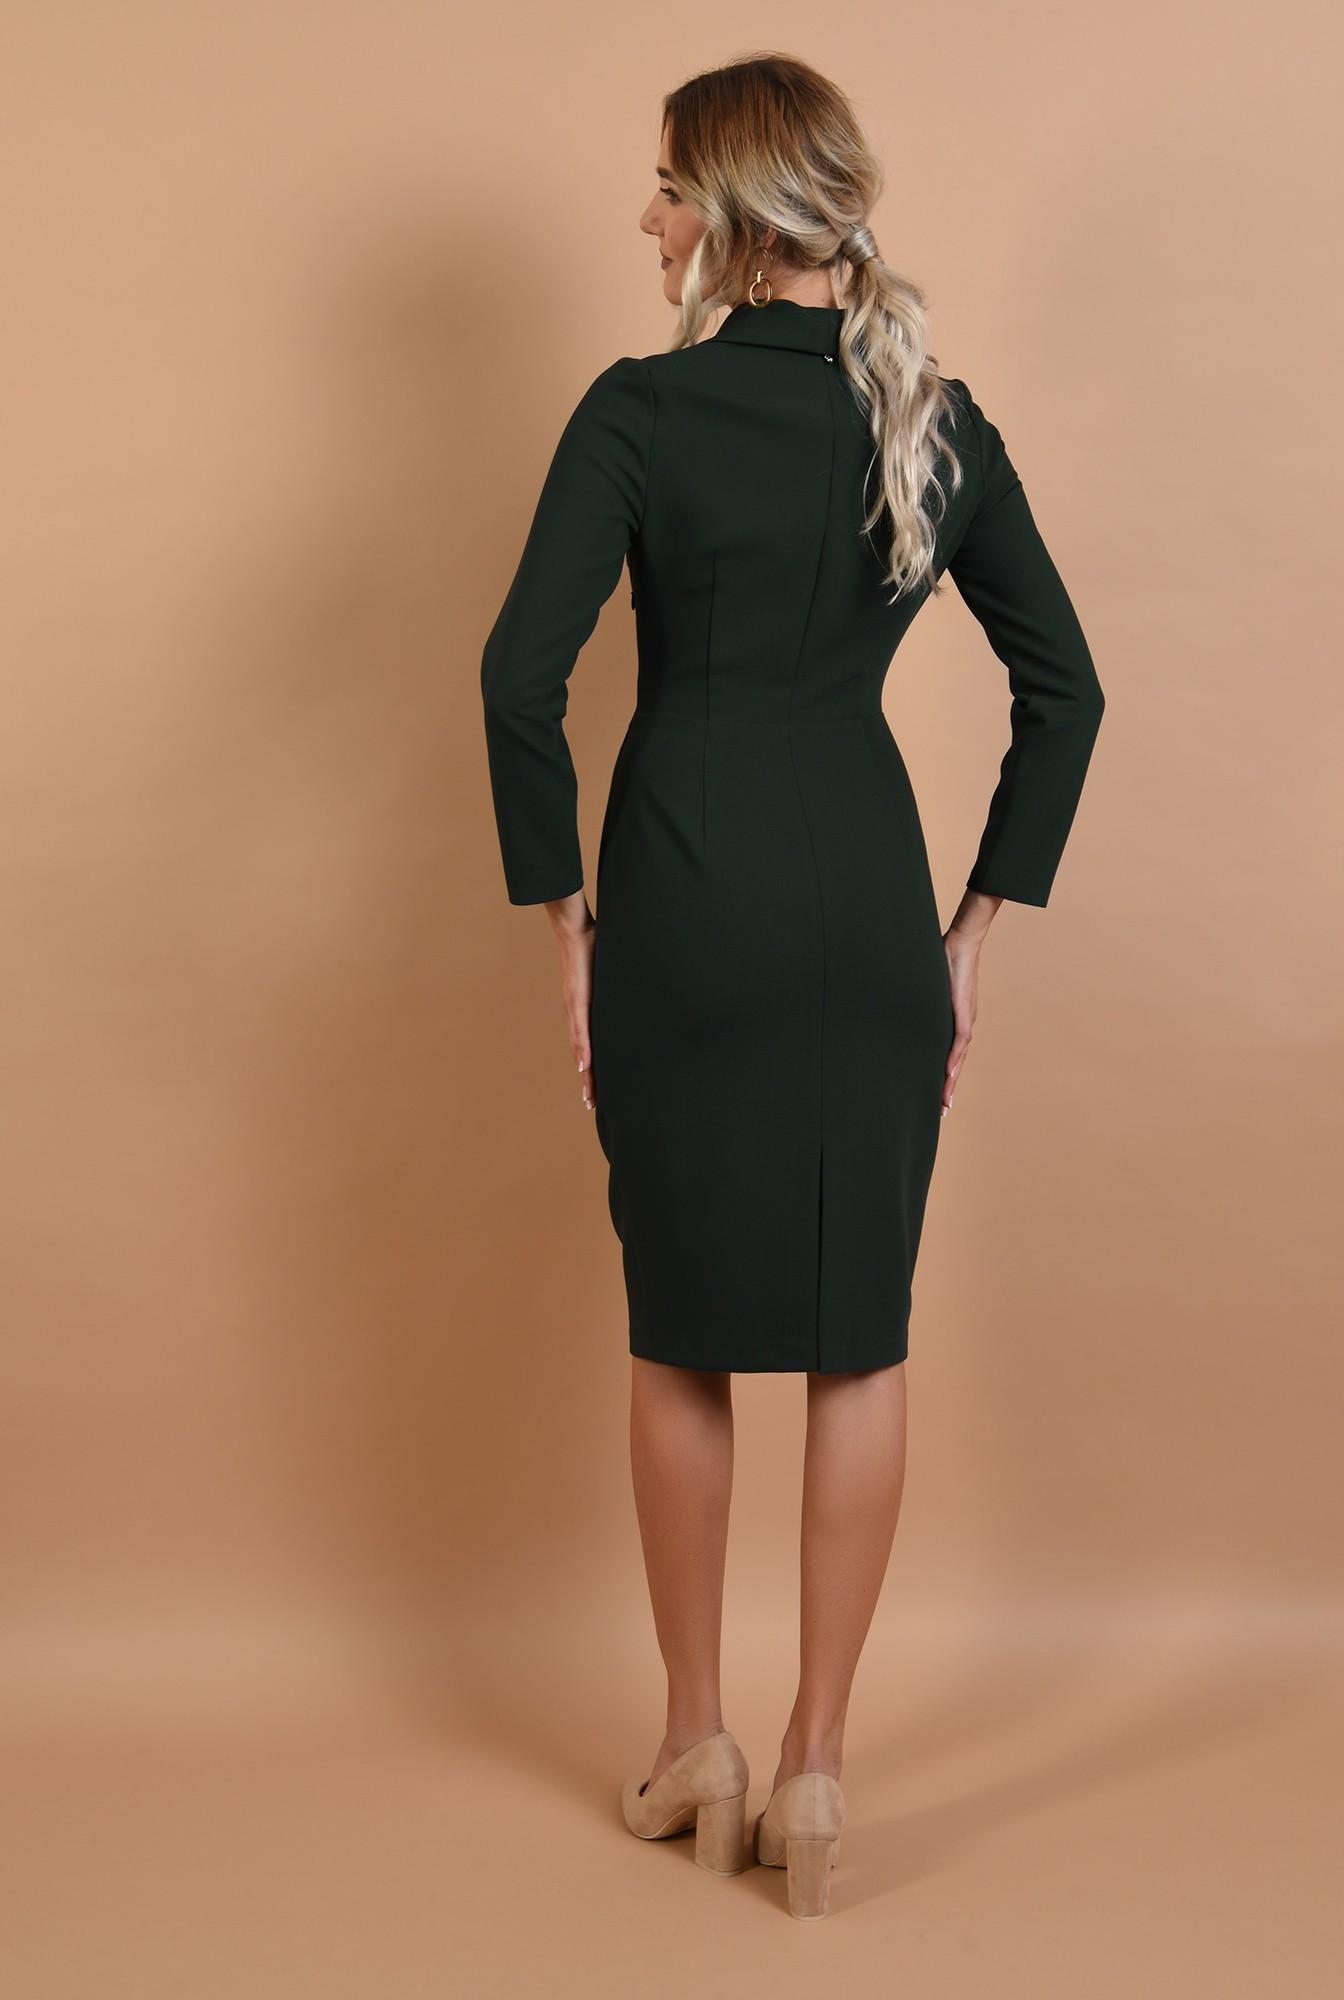 1 - rochie office, verde, cu revere, cu maneci lungi, Poema